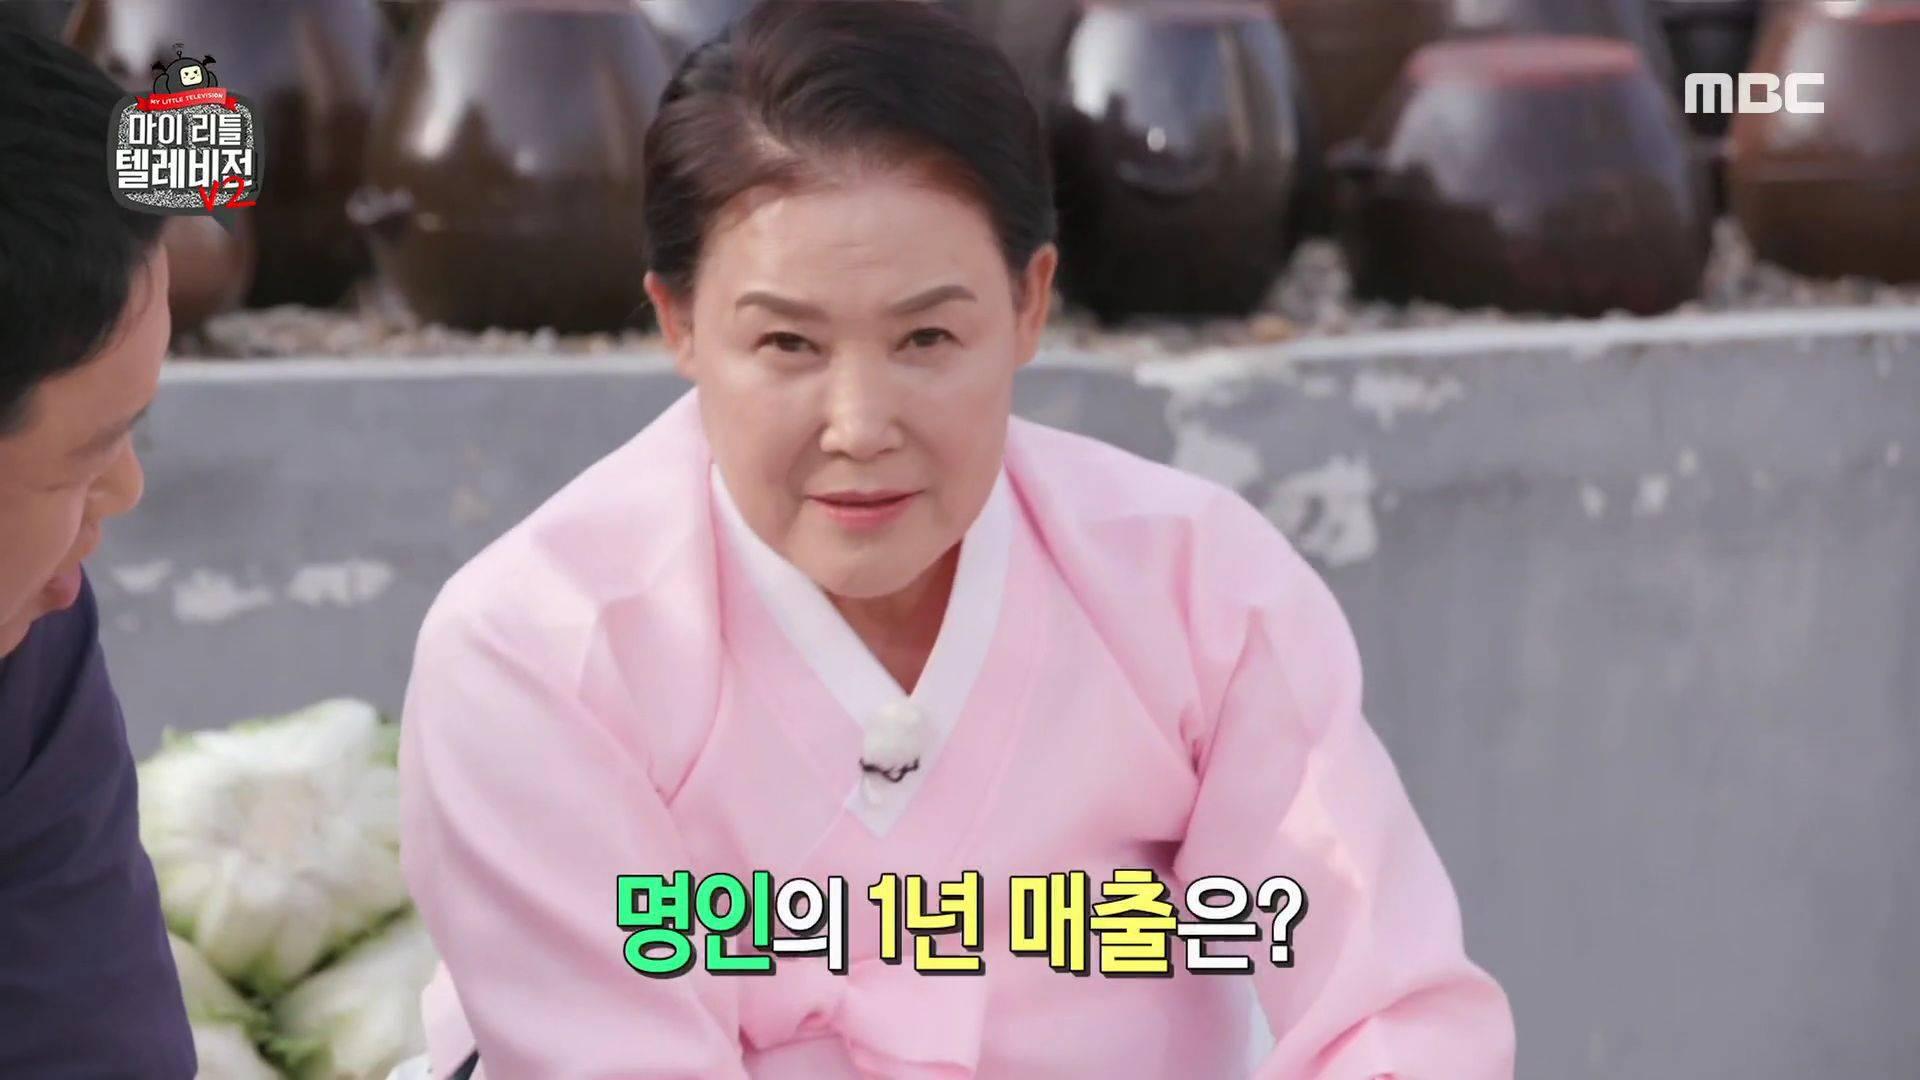 [마리텔] 김치명인이 김치 사업 시작할때 당시 반응 | 인스티즈